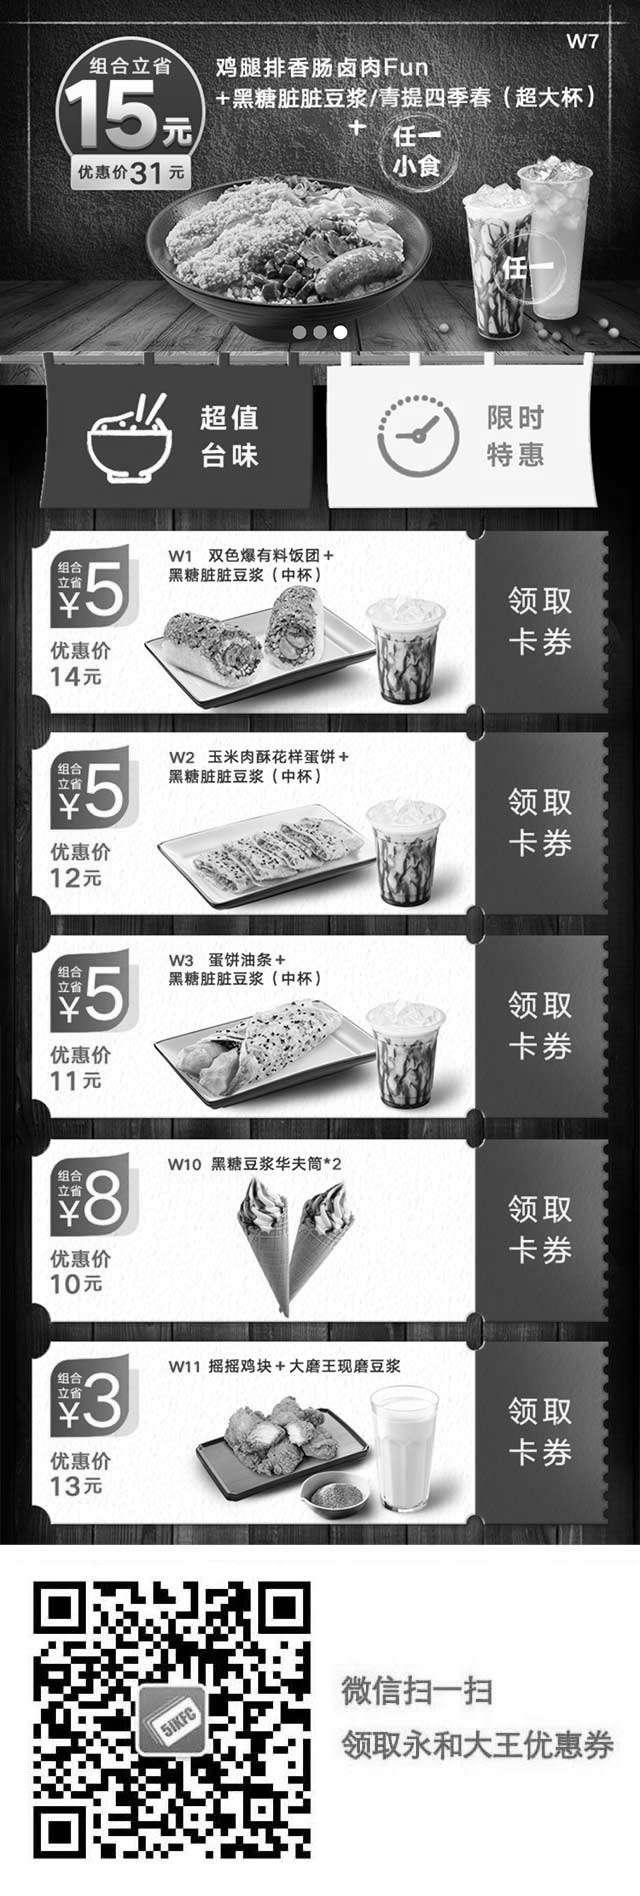 黑白优惠券图片:永和大王豆浆甜筒优惠券2019年5月至10月卡券领取 - www.5ikfc.com